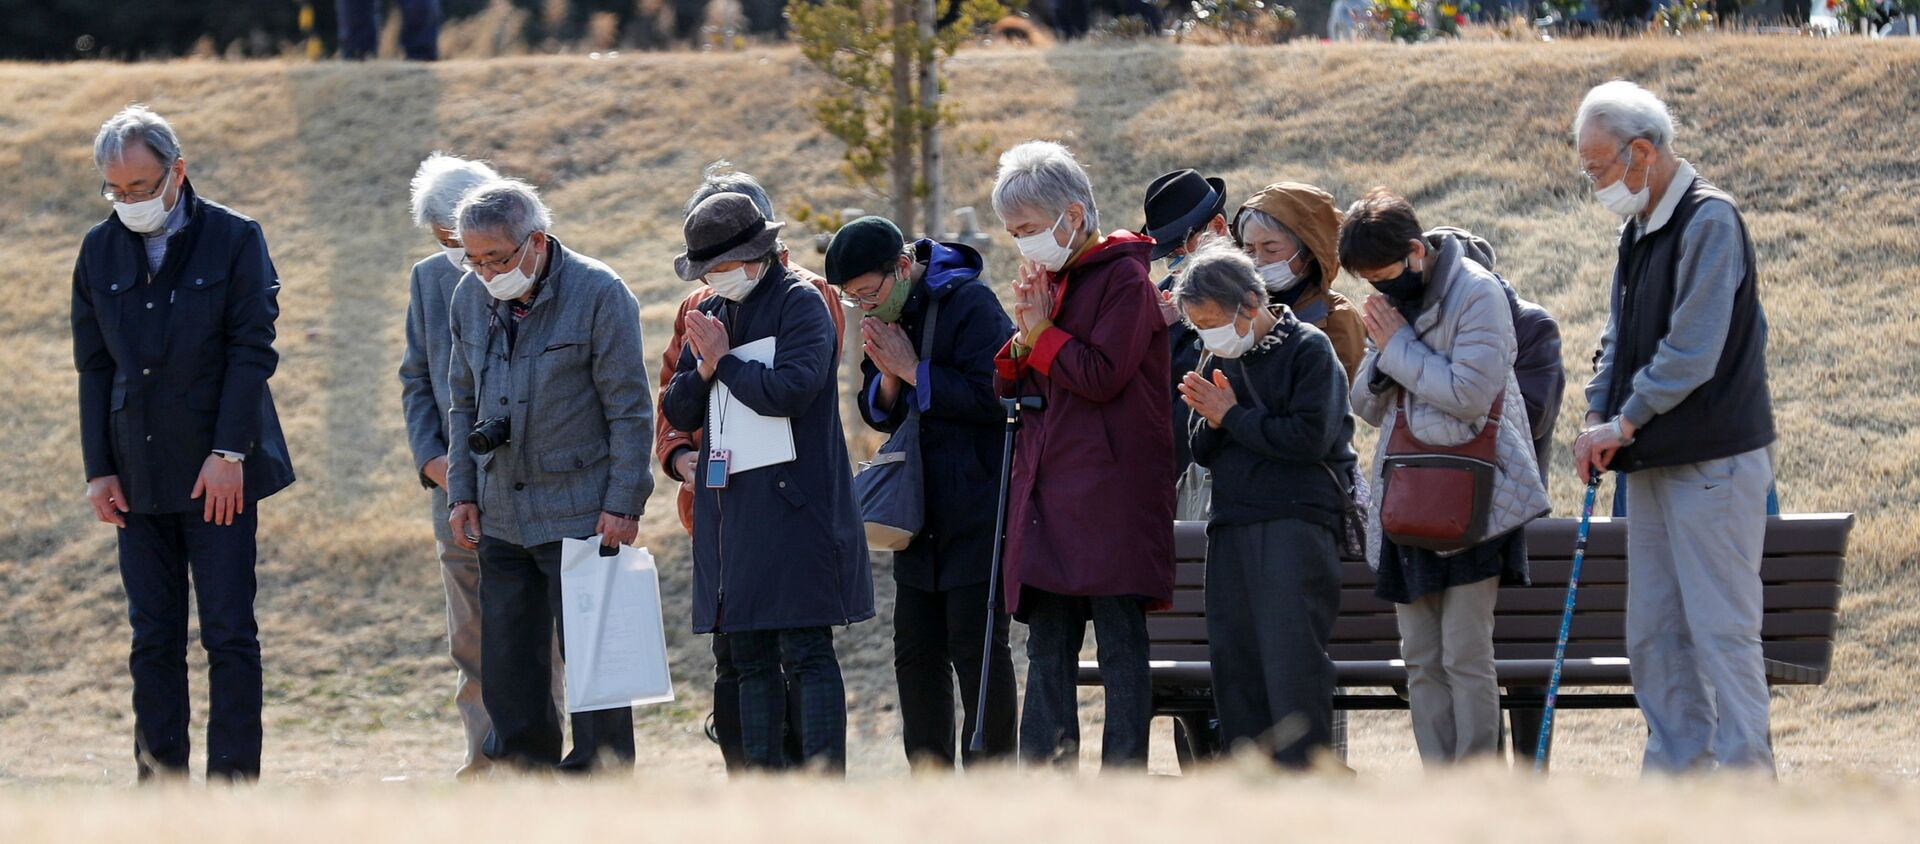 Japończycy uczcili minutą ciszy pamięć ofiar trzęsienia ziemi w 2011 roku - Sputnik Polska, 1920, 11.03.2021